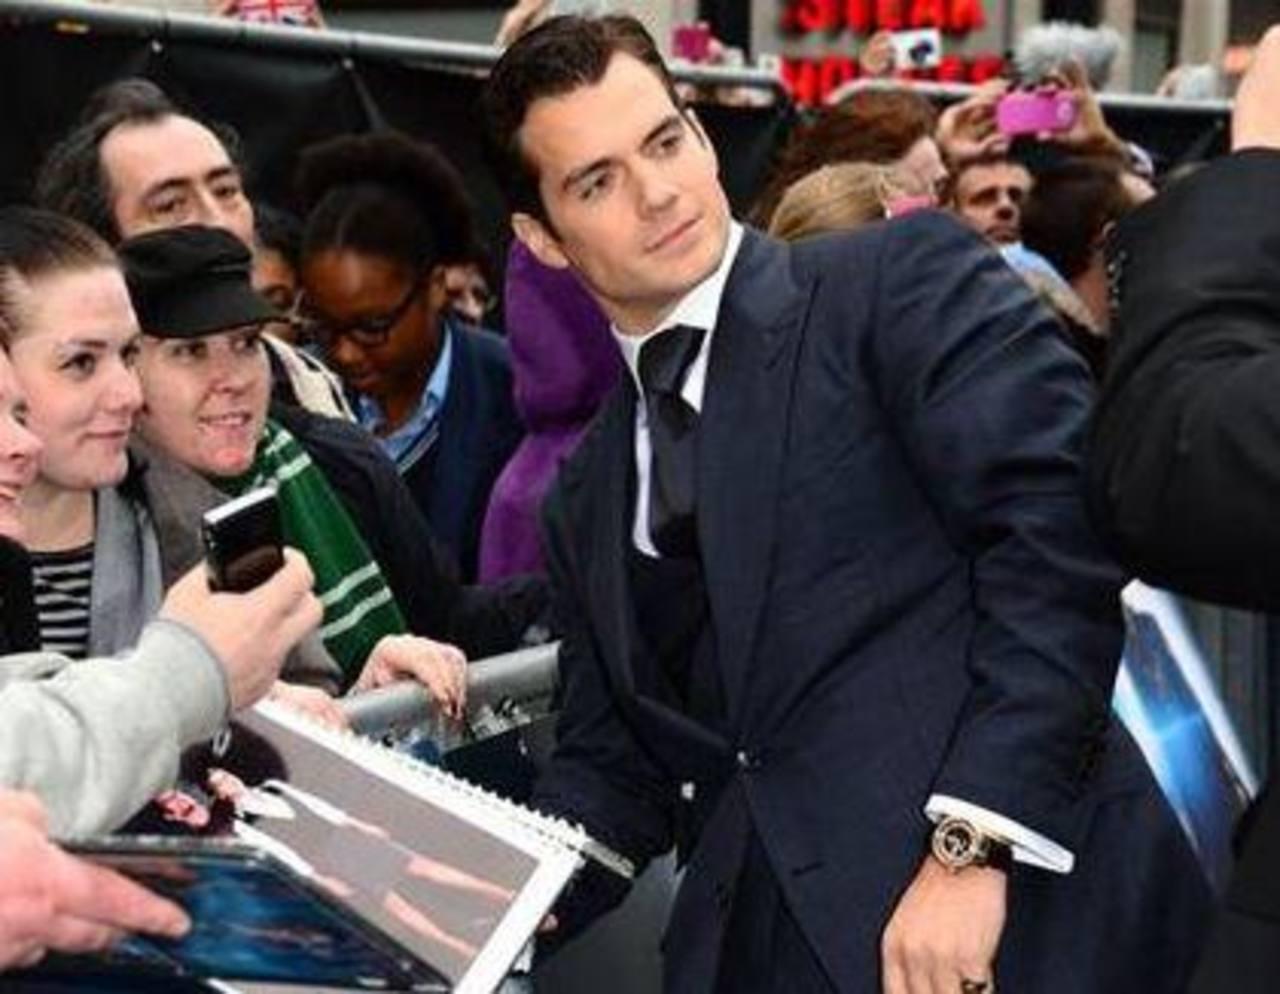 El actor Henry Cavill firma autógrafos para sus admiradores en la premier europea de 'Man Of Steel' en Londres el miércoles 12 de junio de 2013. Foto/ AP